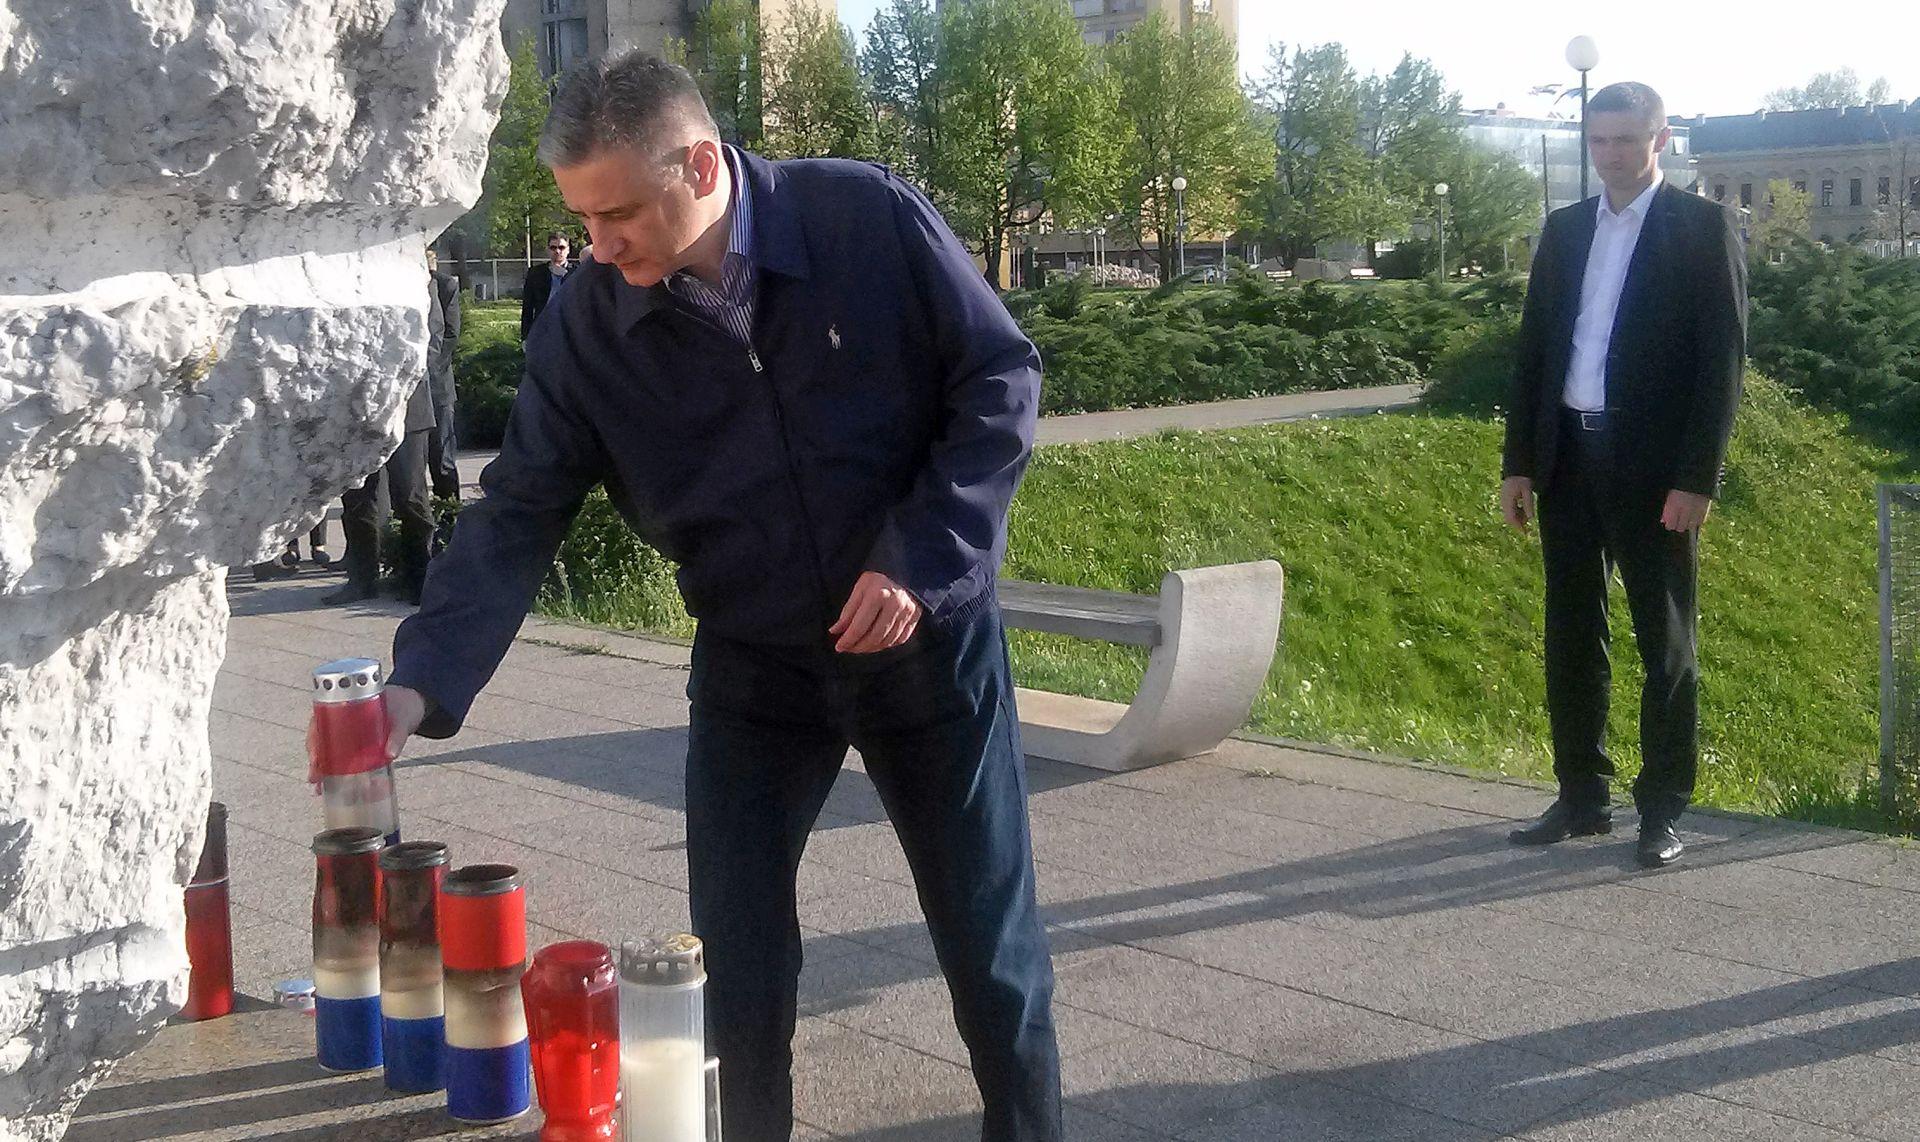 Karamarko u Vukovaru: Žrtve se doista moraju poštovati